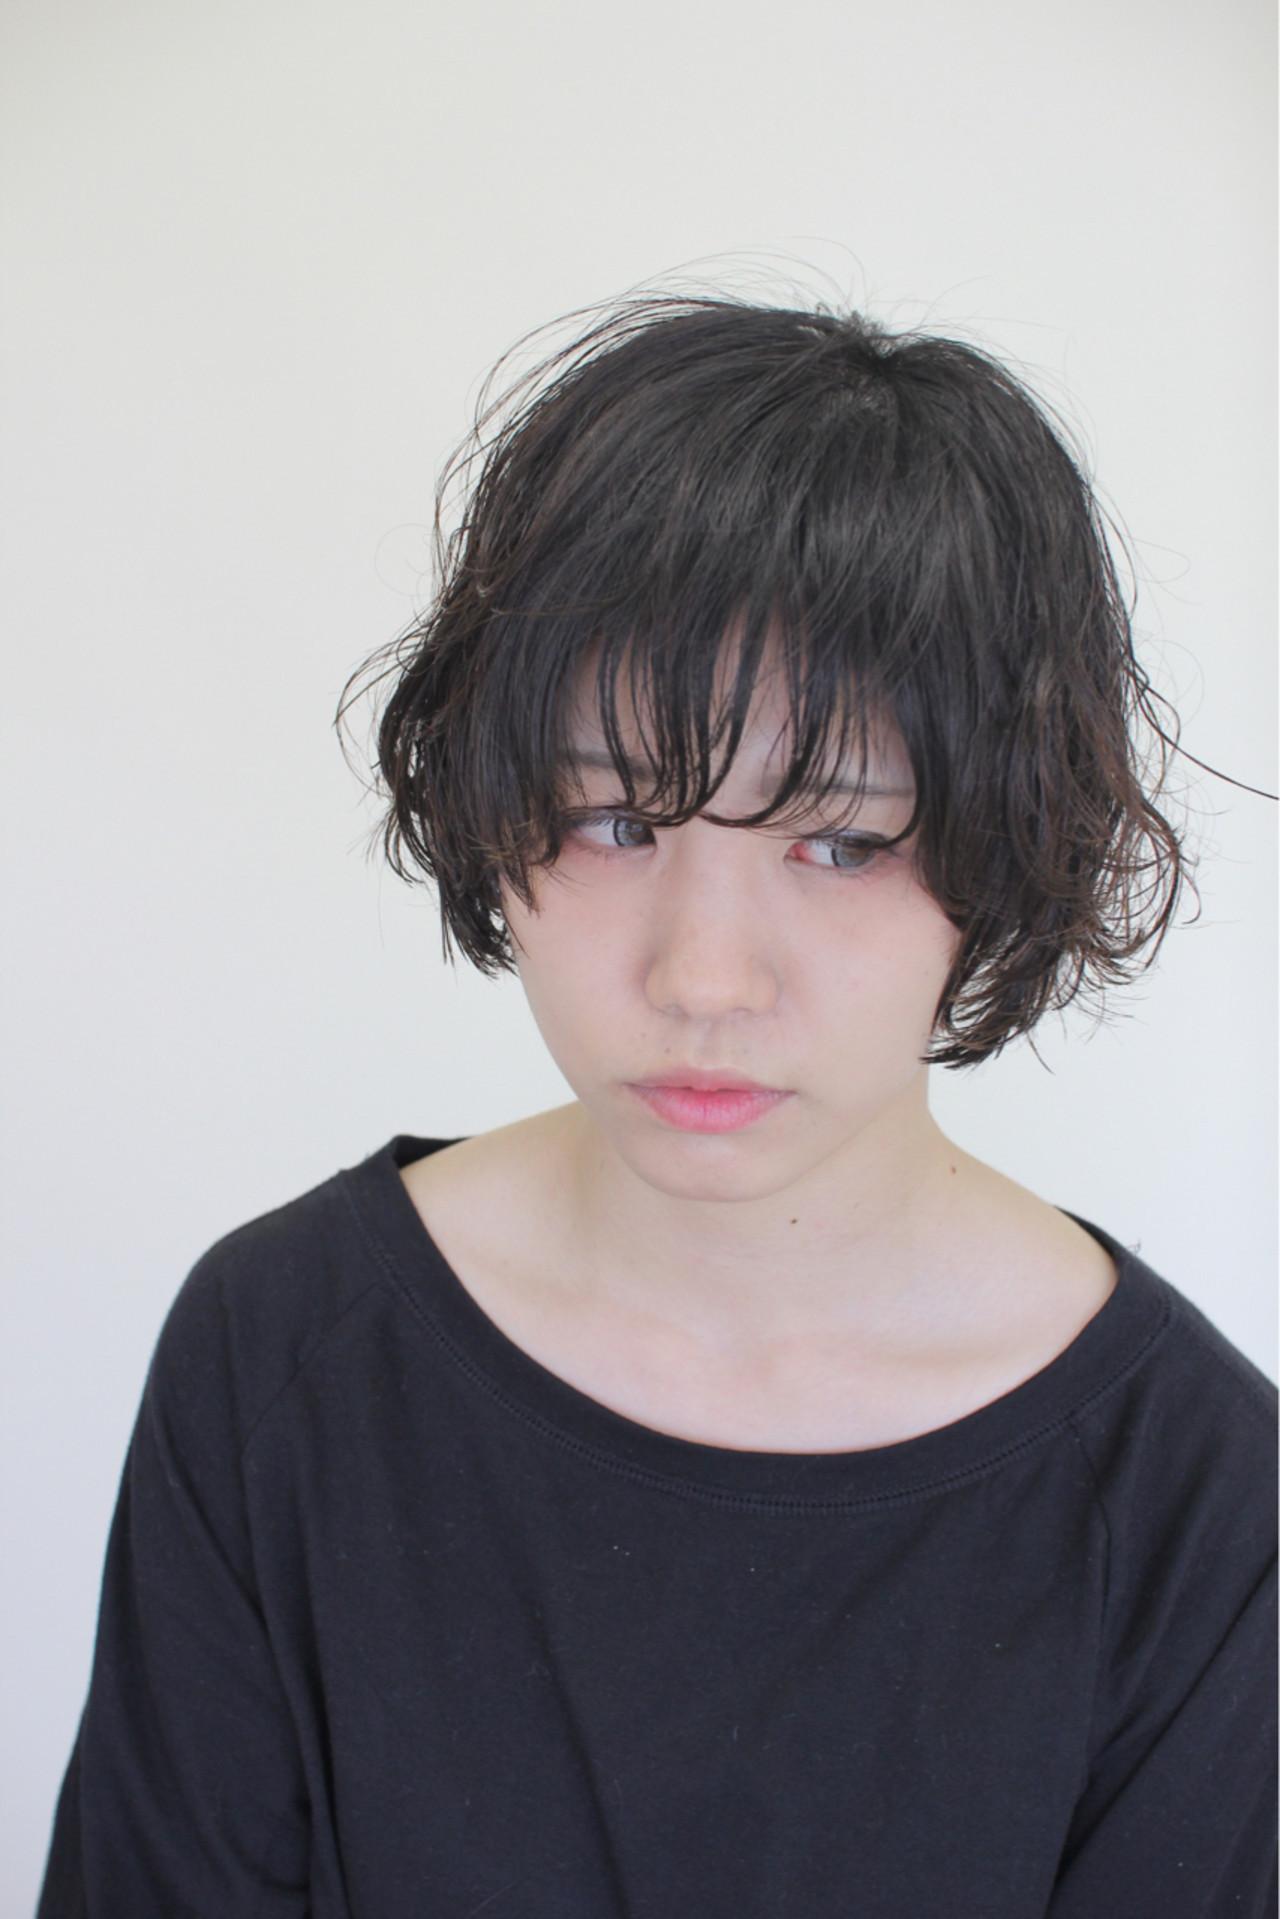 パーマ ナチュラル アンニュイ ショート ヘアスタイルや髪型の写真・画像